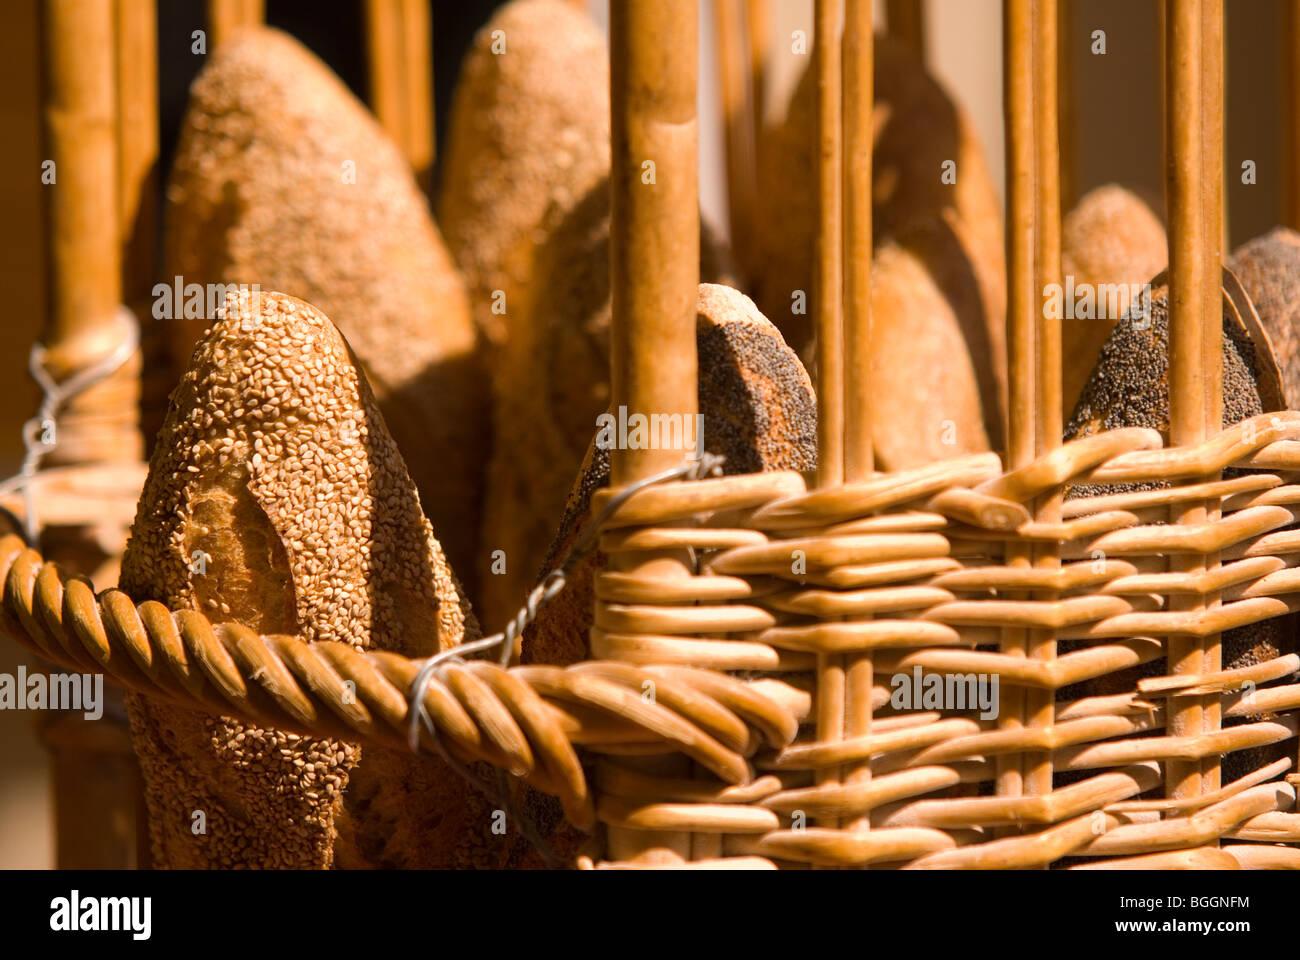 Nyons Market, Provence, France, Europe - Stock Image